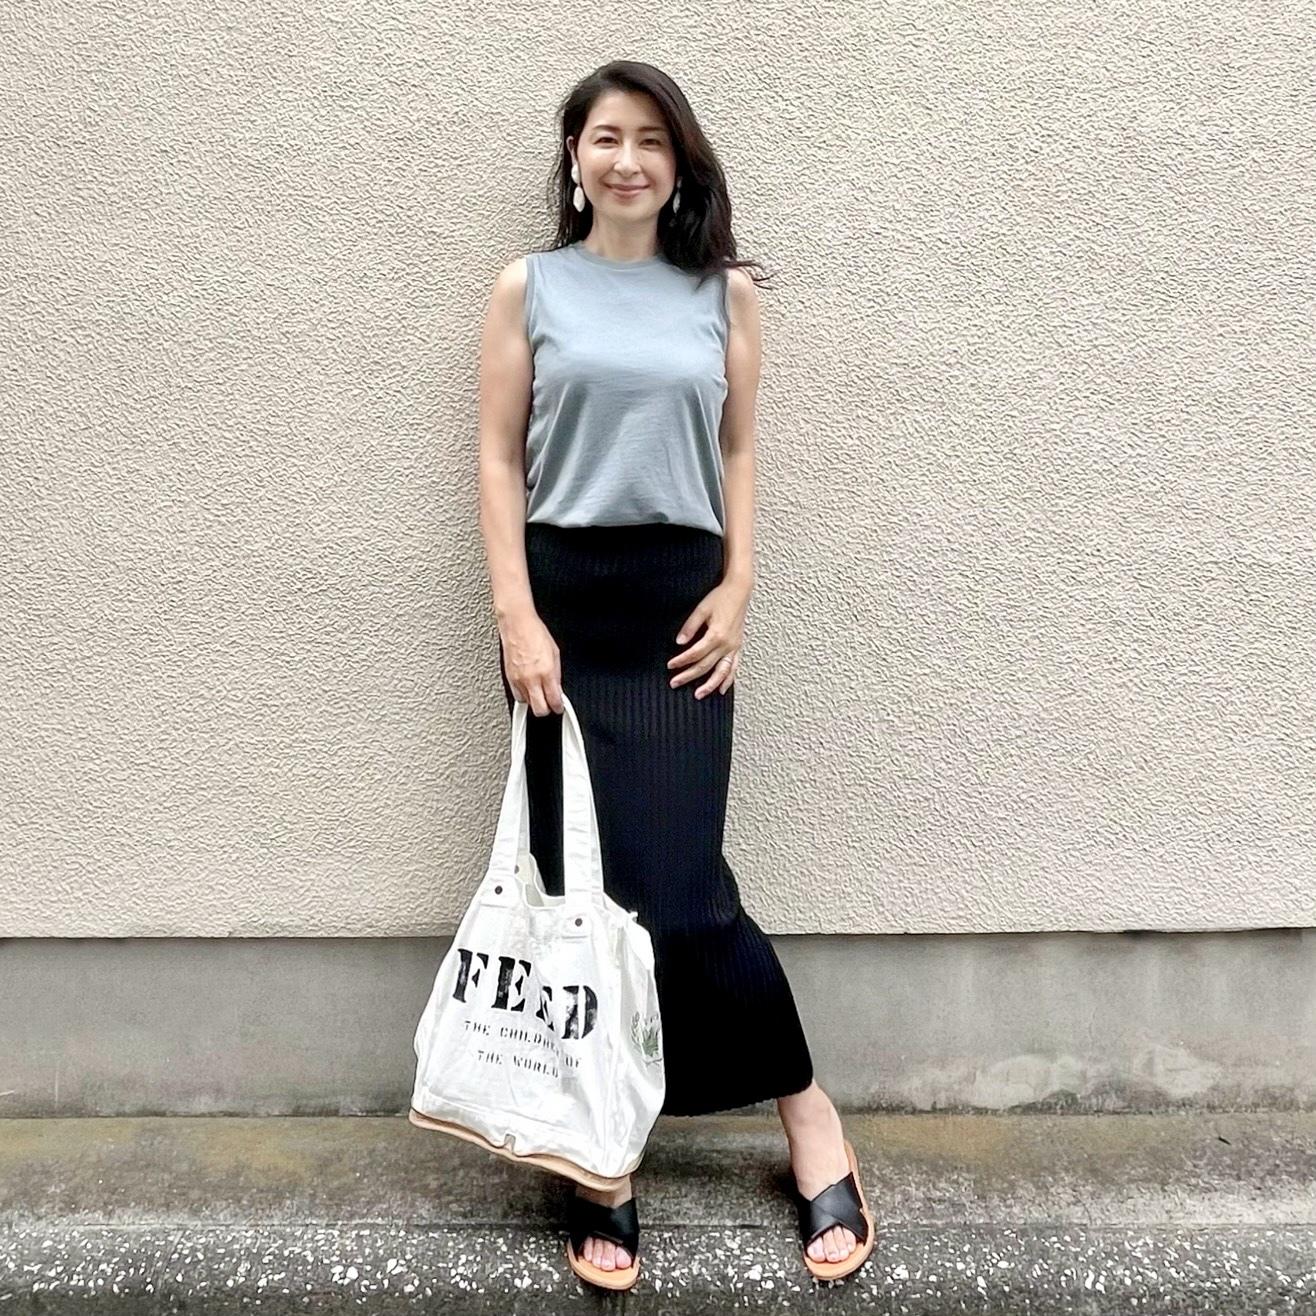 ライトブルーTシャツ、黒ロングタイトスカート、黒サンダル、白エコバッグ